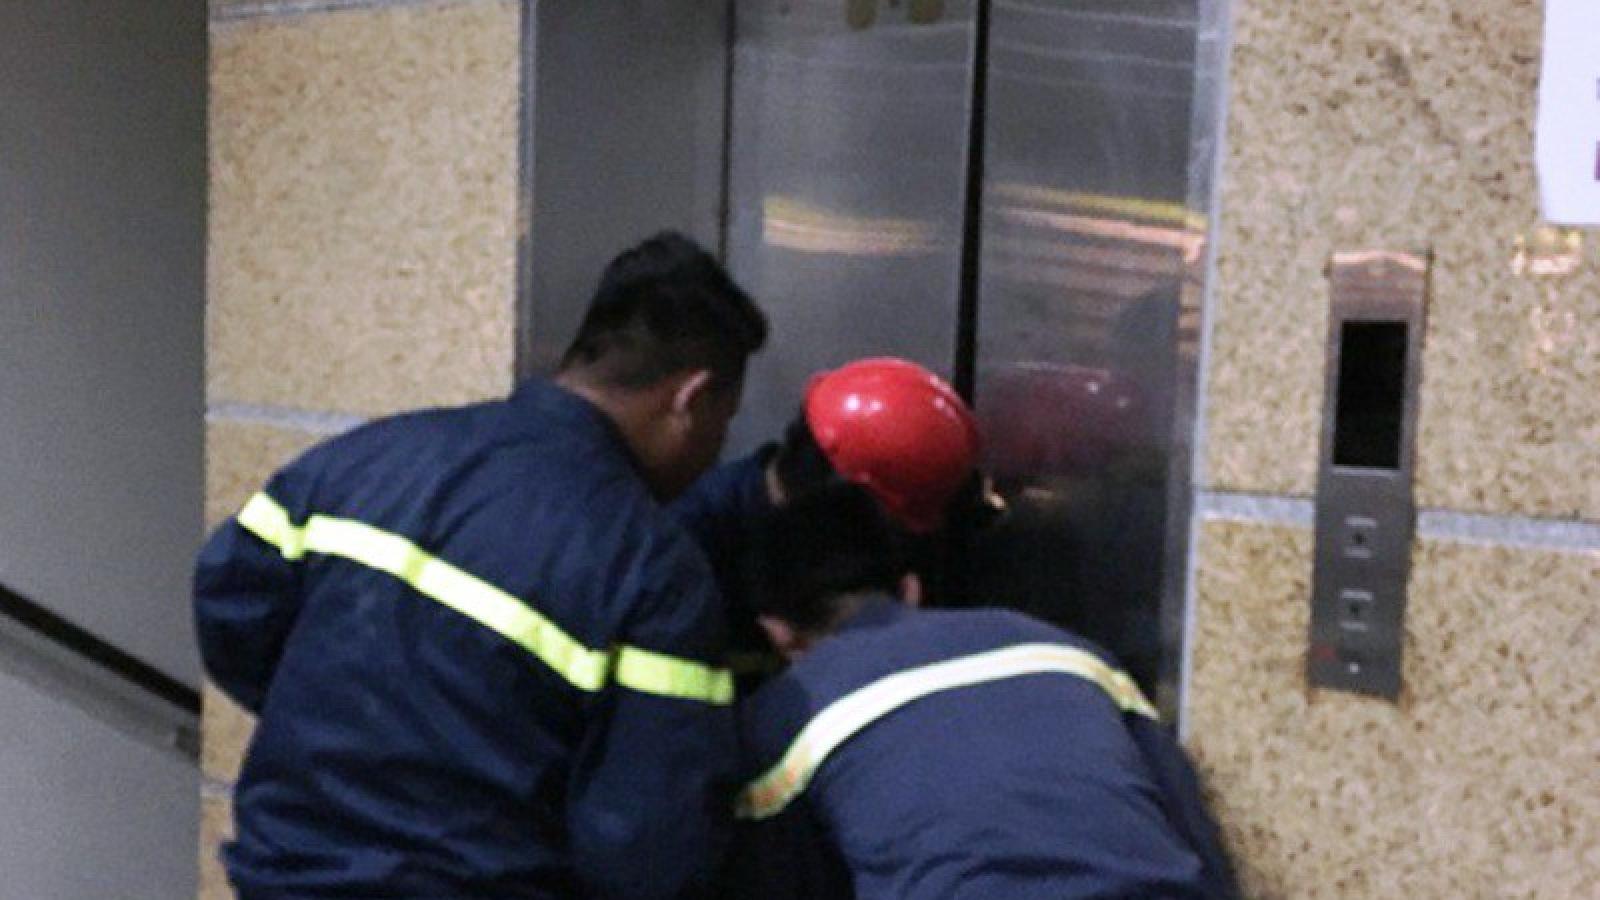 Cứu 1 phụ nữ và 2 trẻ em mắc kẹt trong thang máy